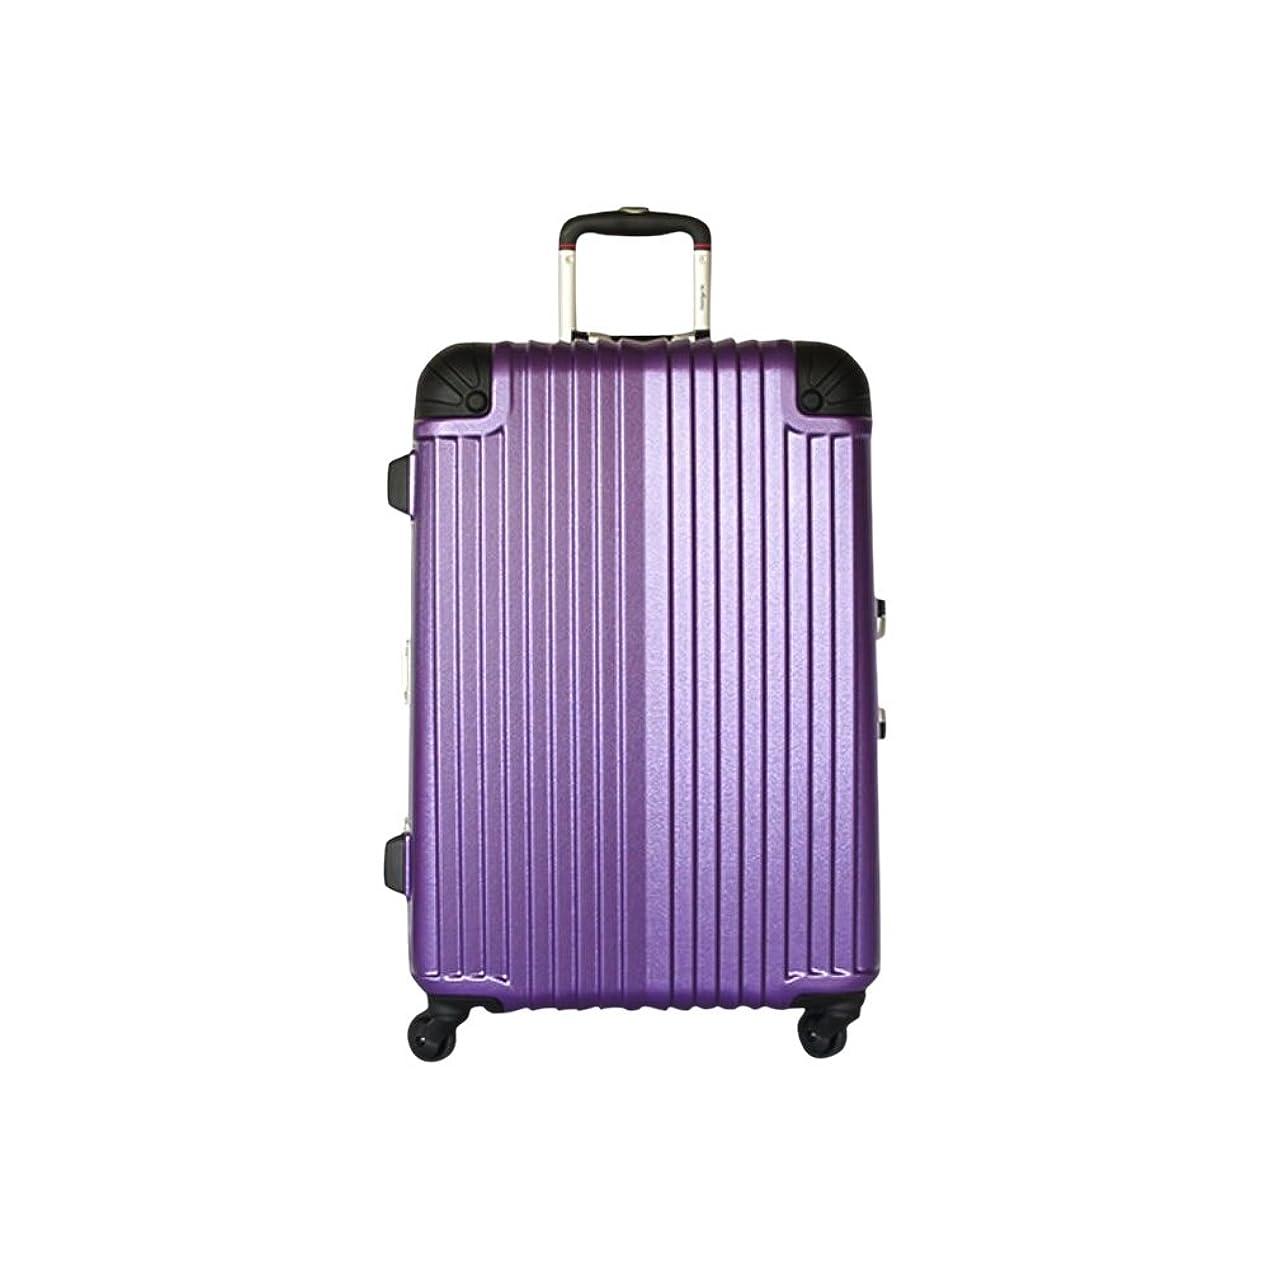 政策刈り取る経由で[BB-Monsters] ビービーモンスターズ スーツケース 軽量 フレーム TSAロック 旅行かばん トラベルバッグ キャリーバッグ 玄武